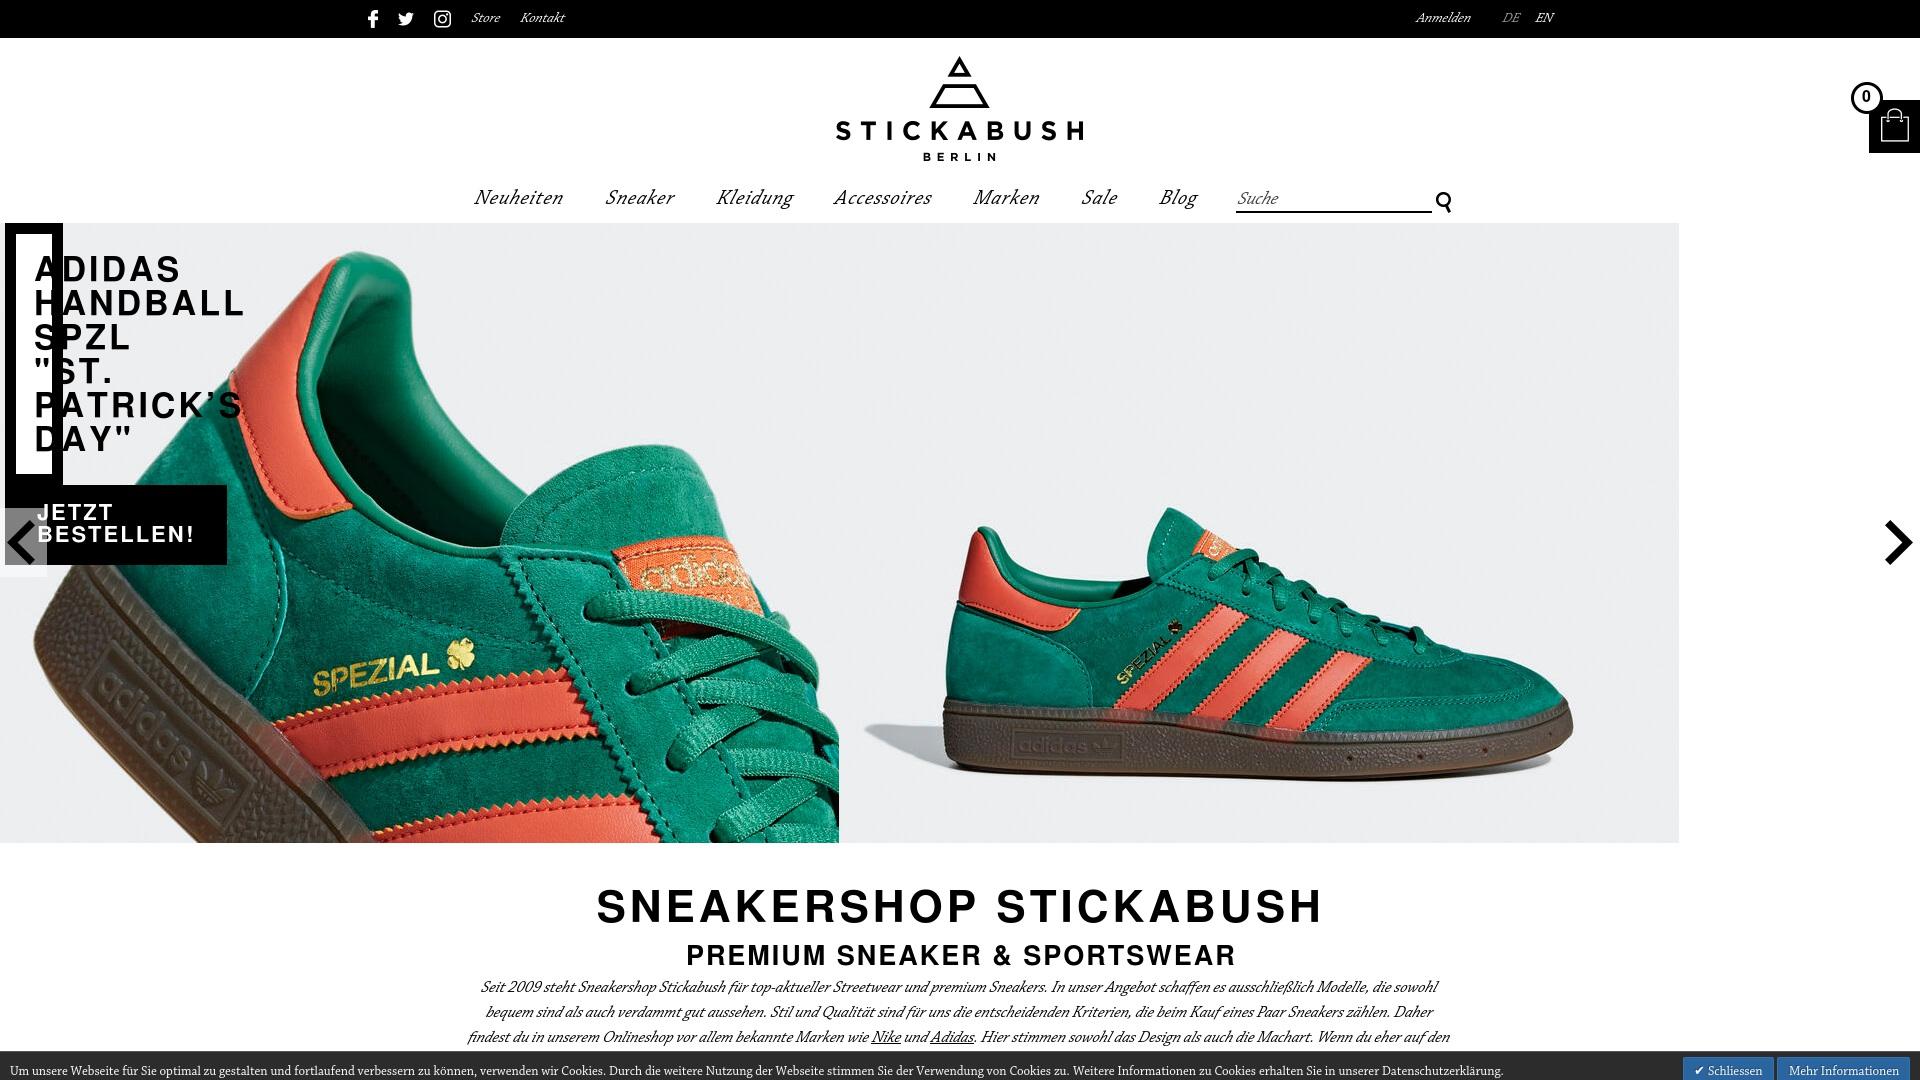 Gutschein für Stickabush: Rabatte für  Stickabush sichern